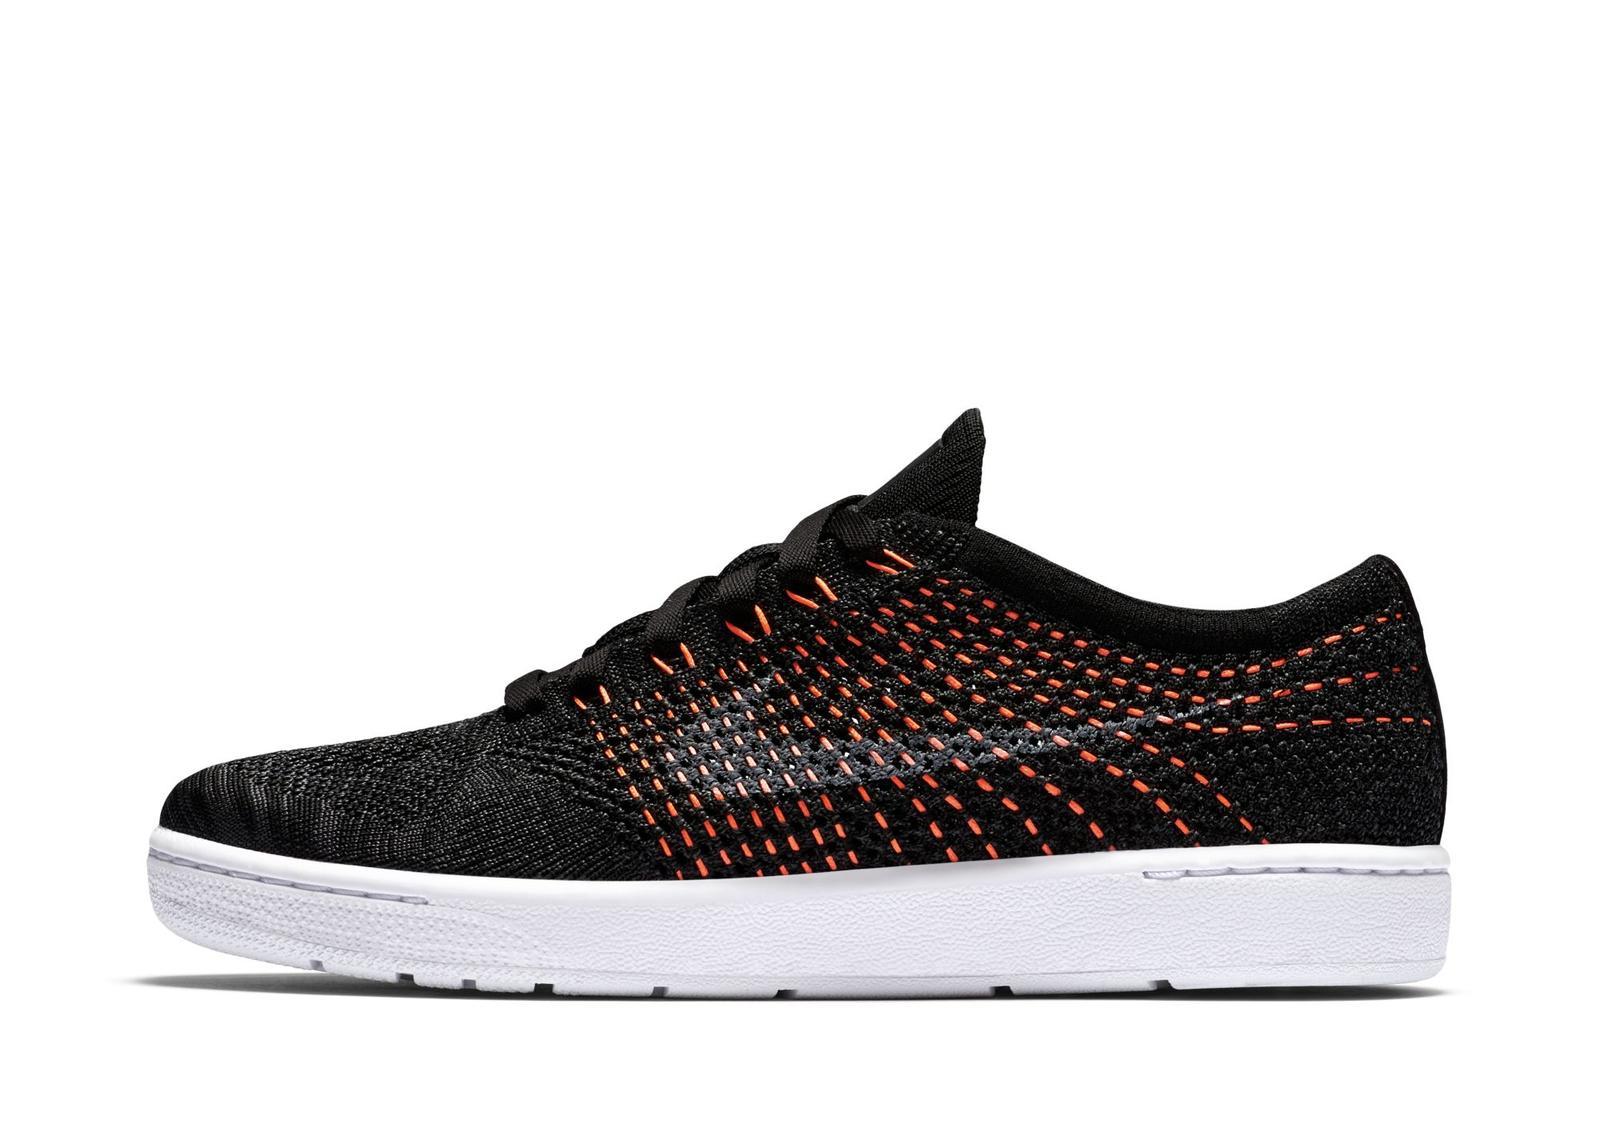 Nike Flyknit Tennis